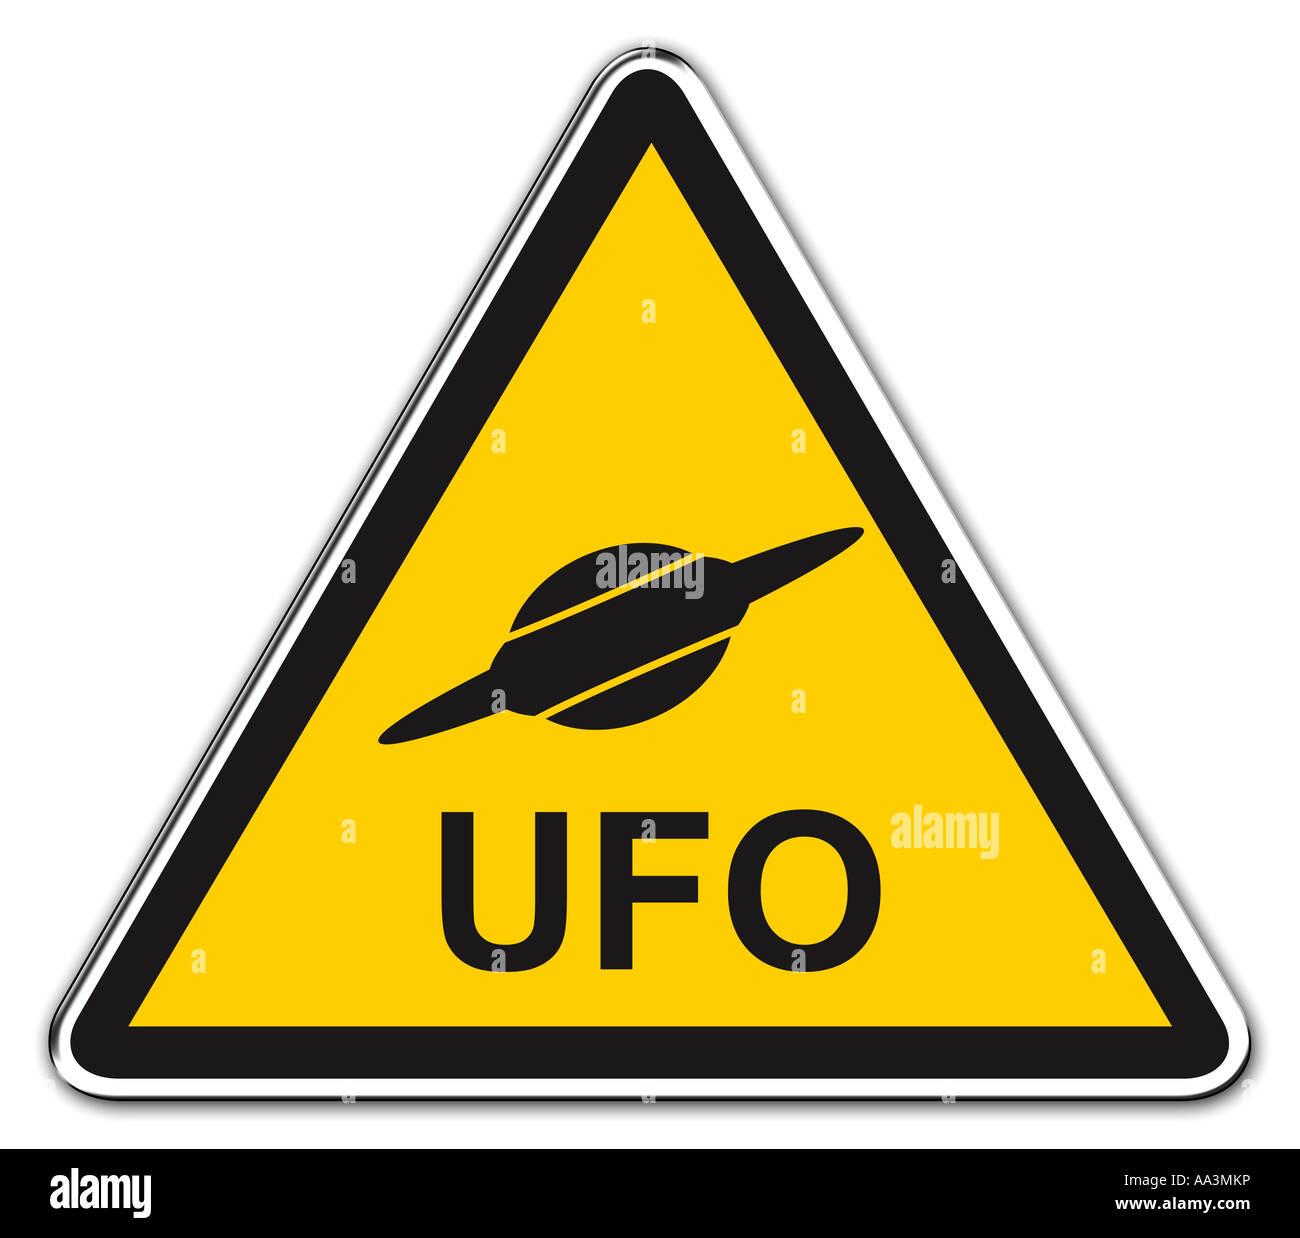 UFO warning - Stock Image